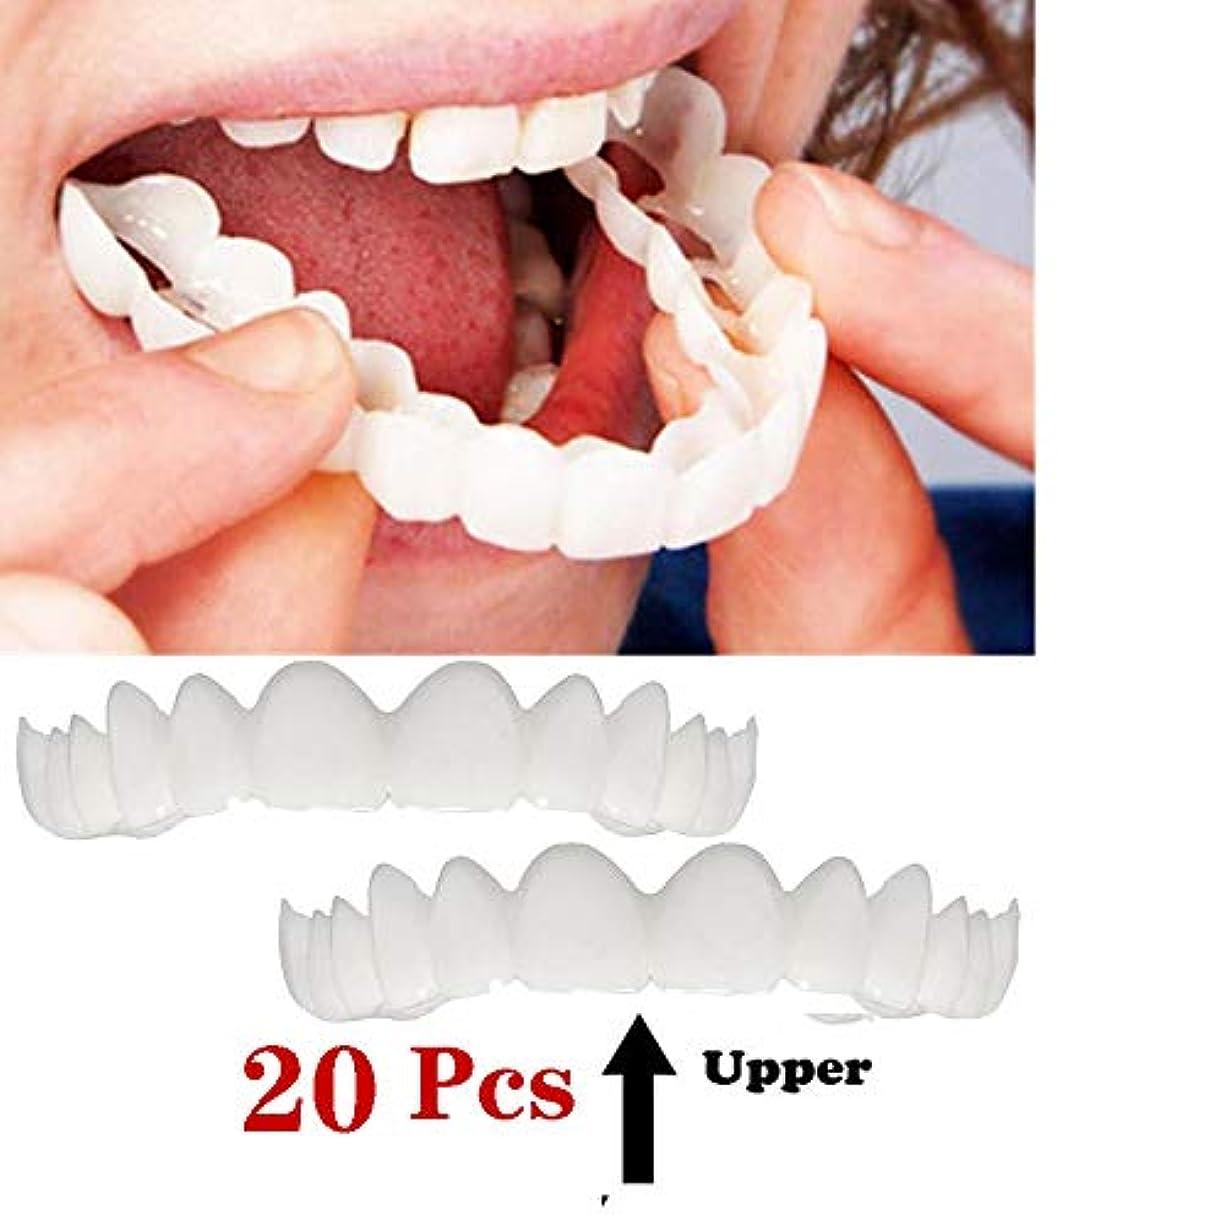 博覧会装備するアクション笑顔の義歯フィットフレックス化粧品の歯快適なベニヤカバーの歯のスナップを白くする笑顔の歯化粧品の義歯、化粧品の歯